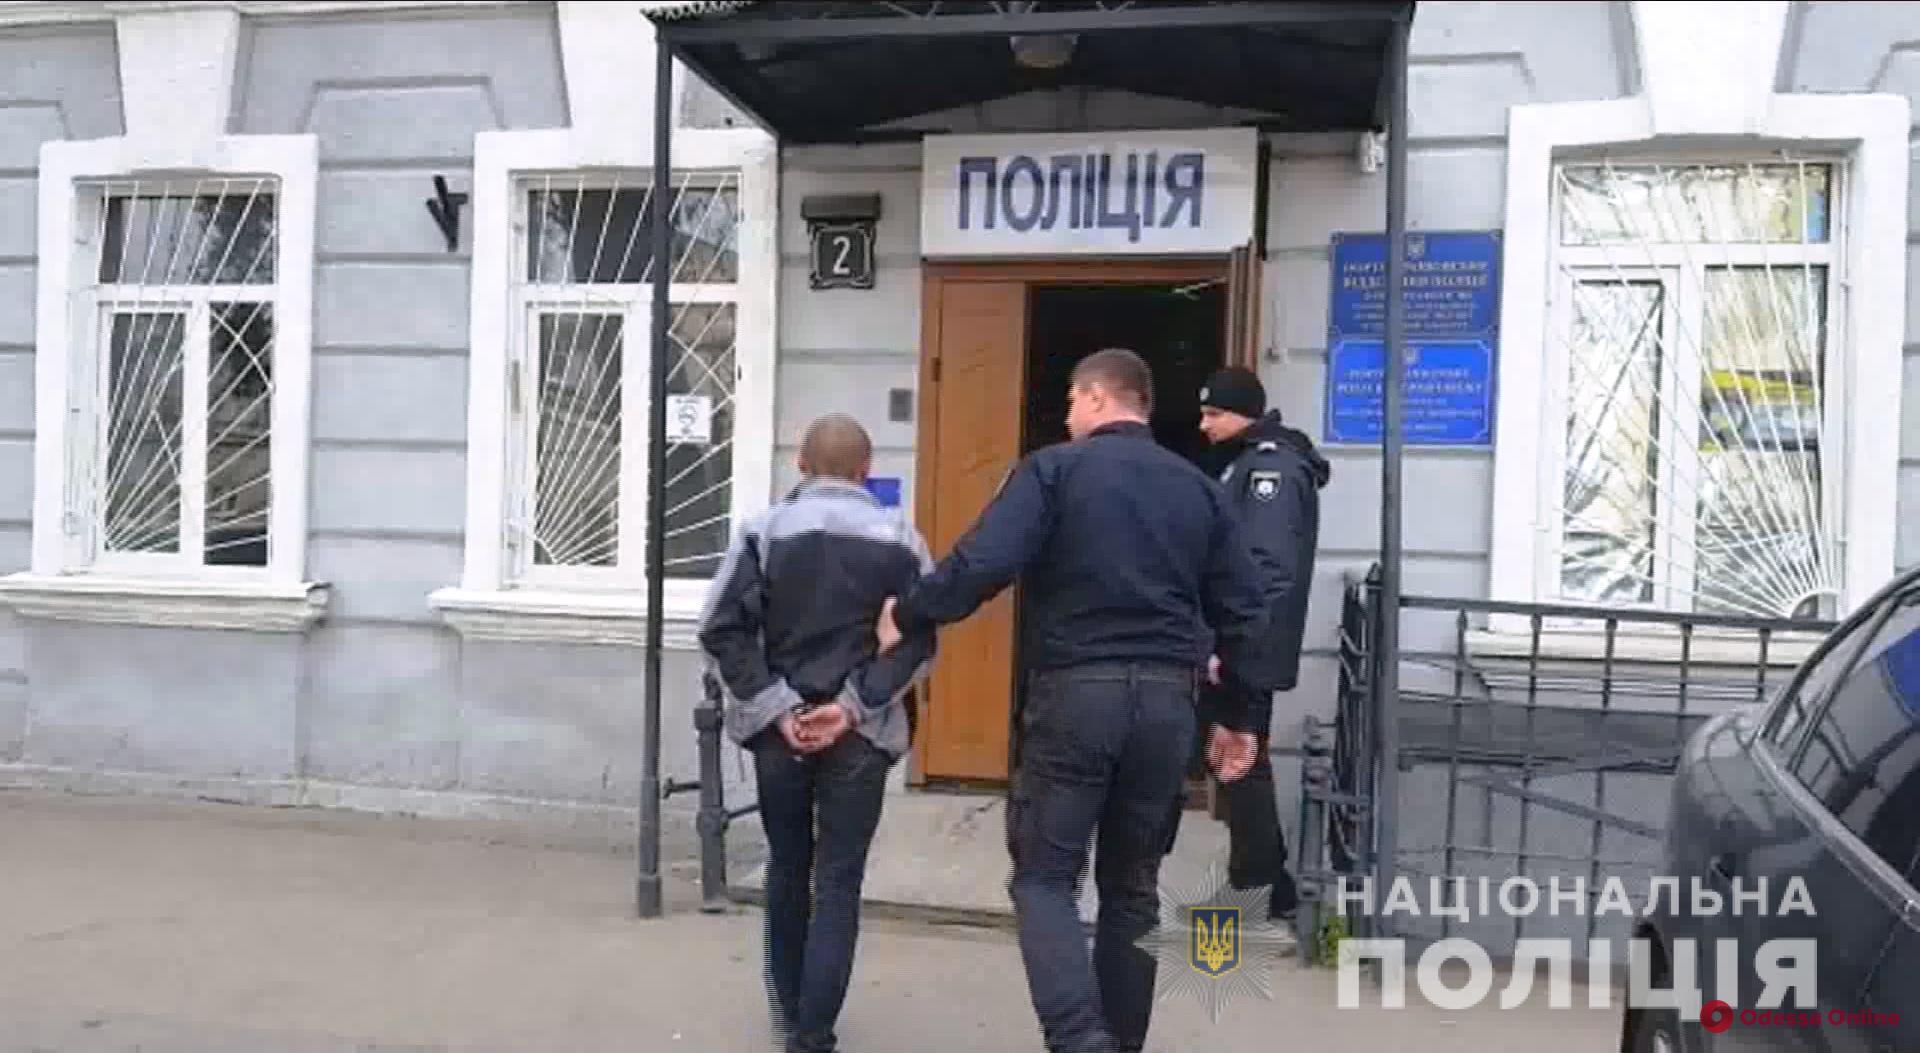 Полицейские задержали одессита, который «заминировал» мэрию и университет